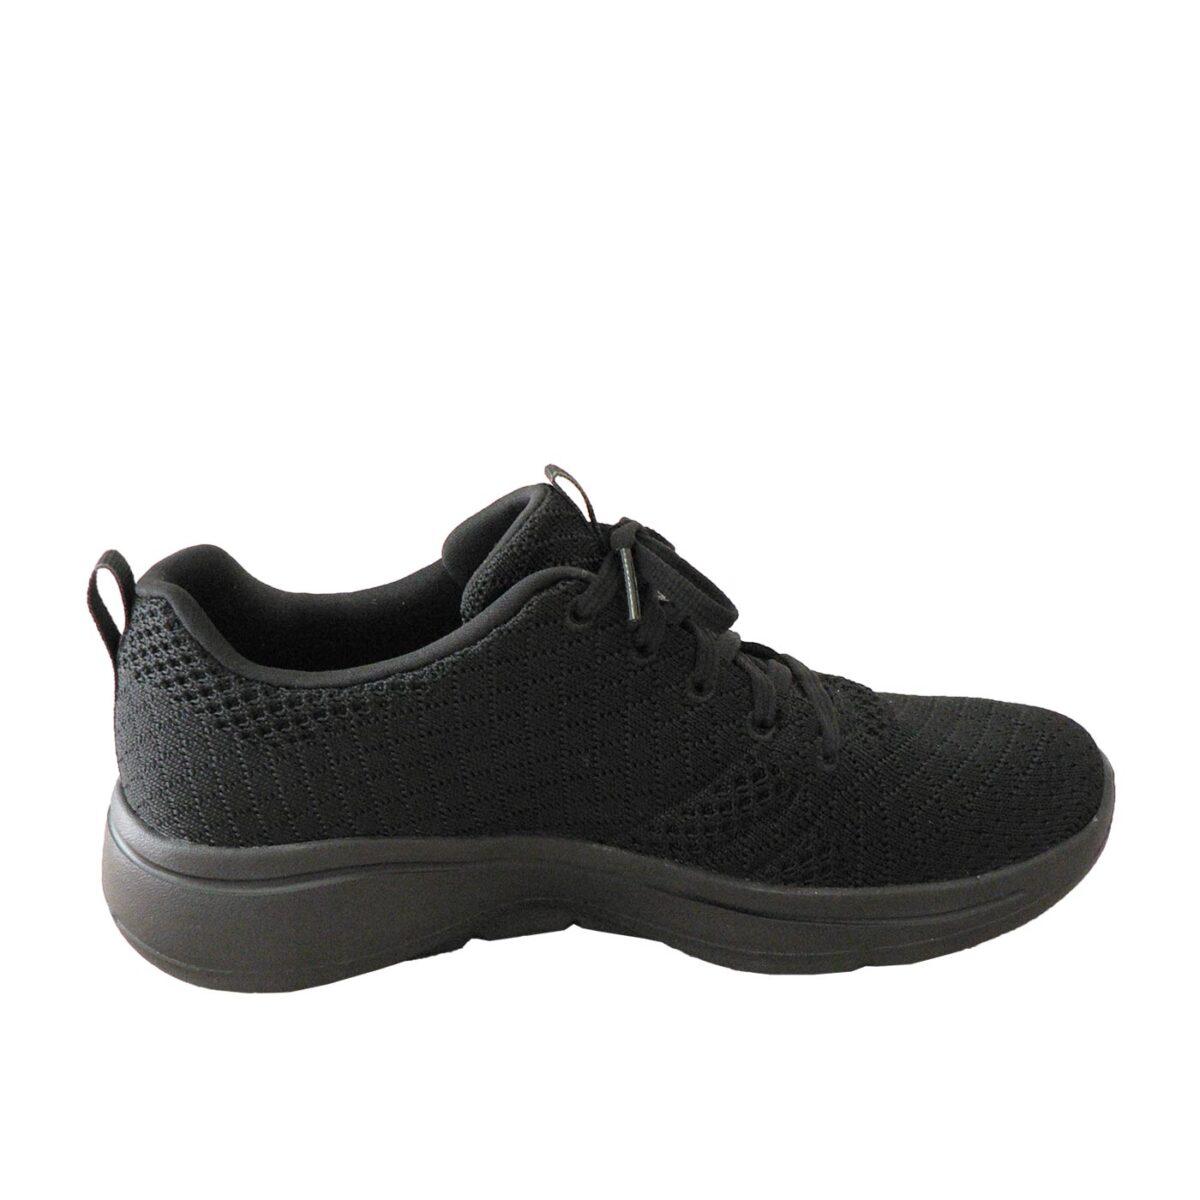 Skechers ArchFit 124403 Black